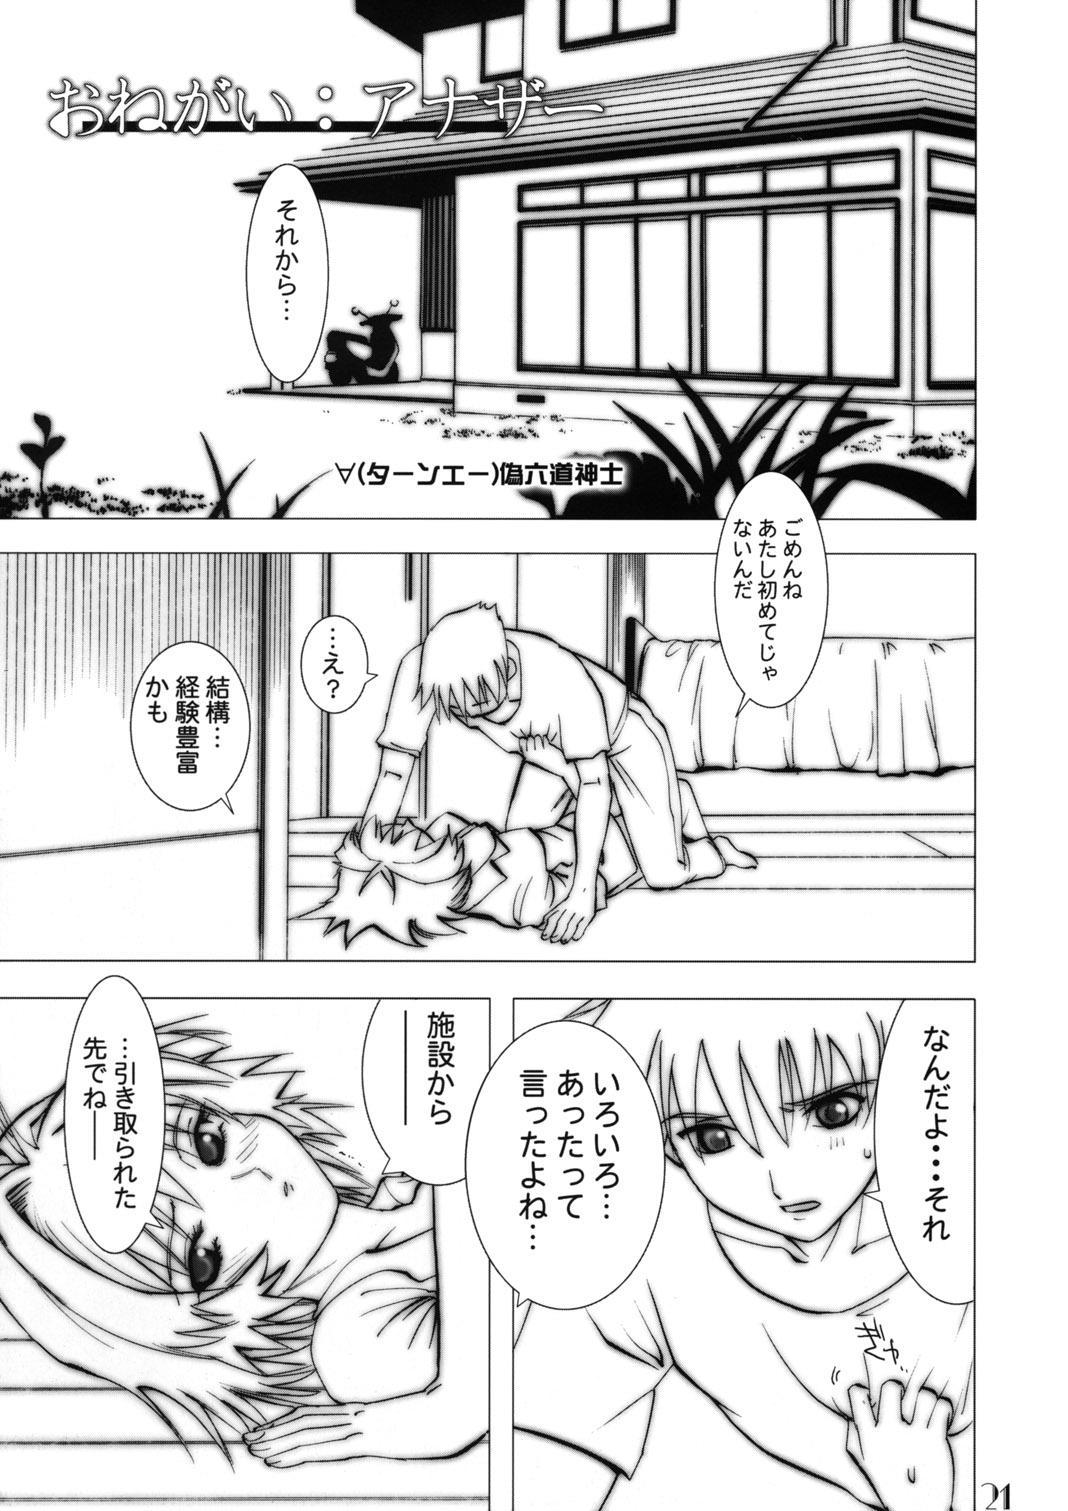 Slave Unit Vol.3 Hokka Hokka Musume 19